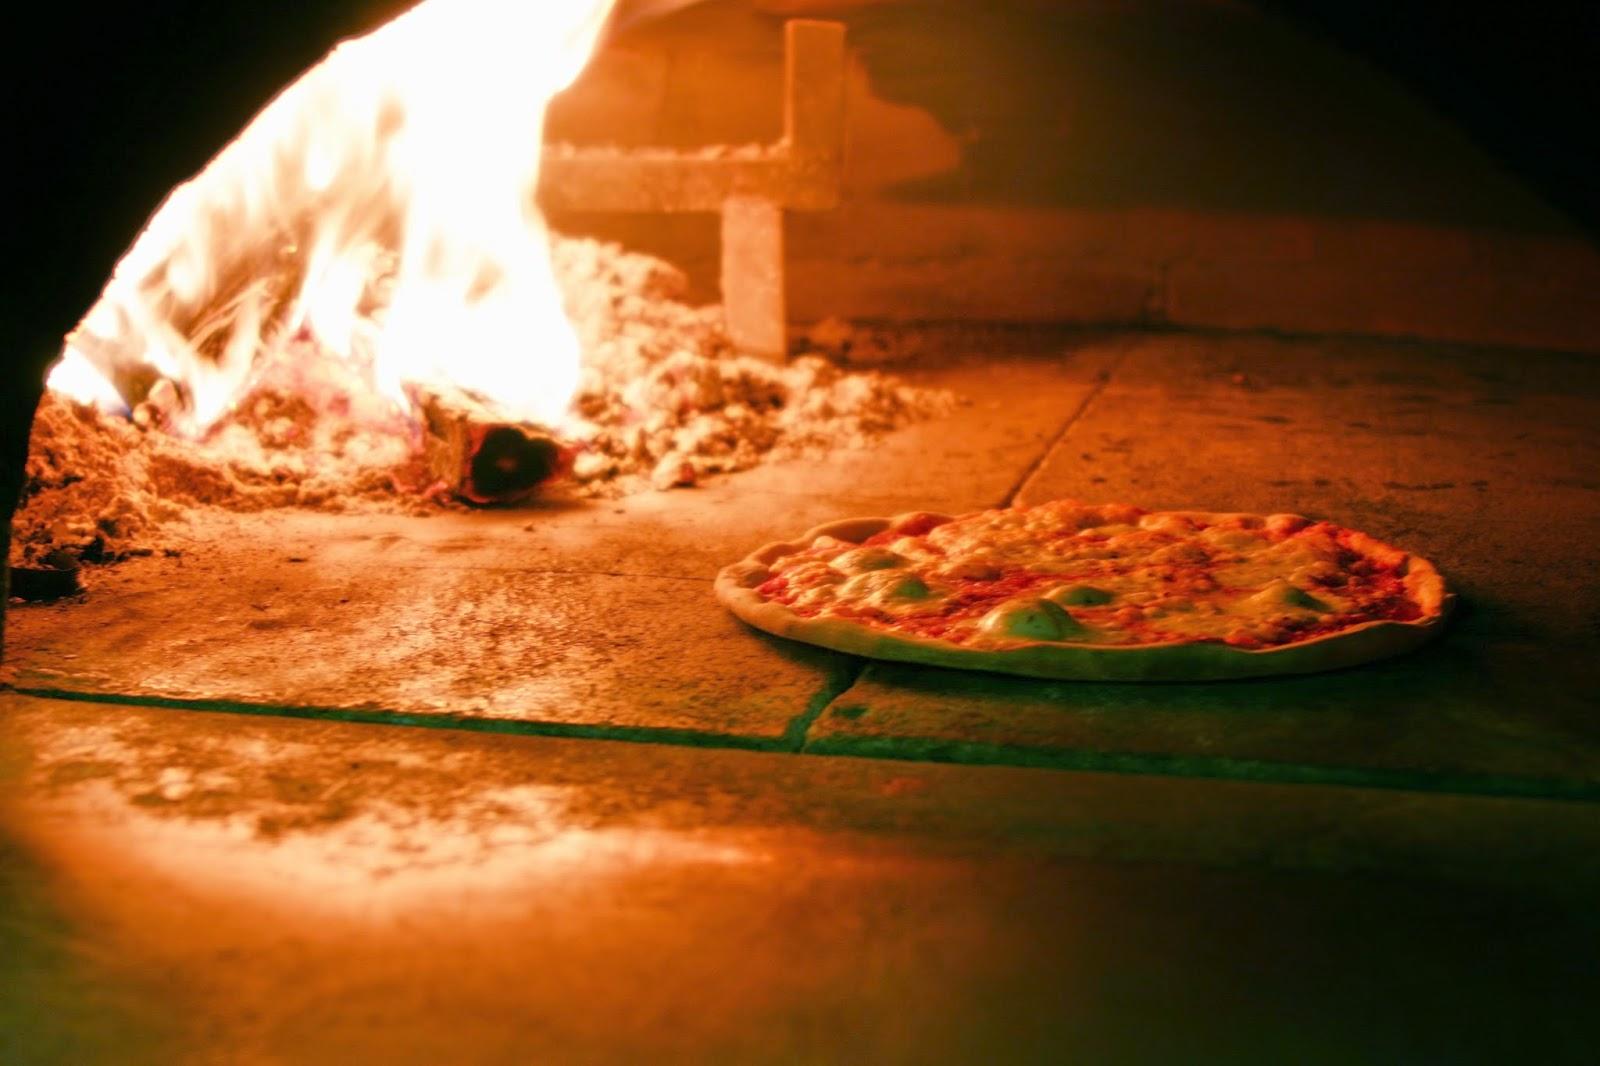 Pulizia della canna fumaria per forni a legna di pizzerie e ristoranti sai cosa fare il blog - Pulizia canna fumaria stufa a legna ...